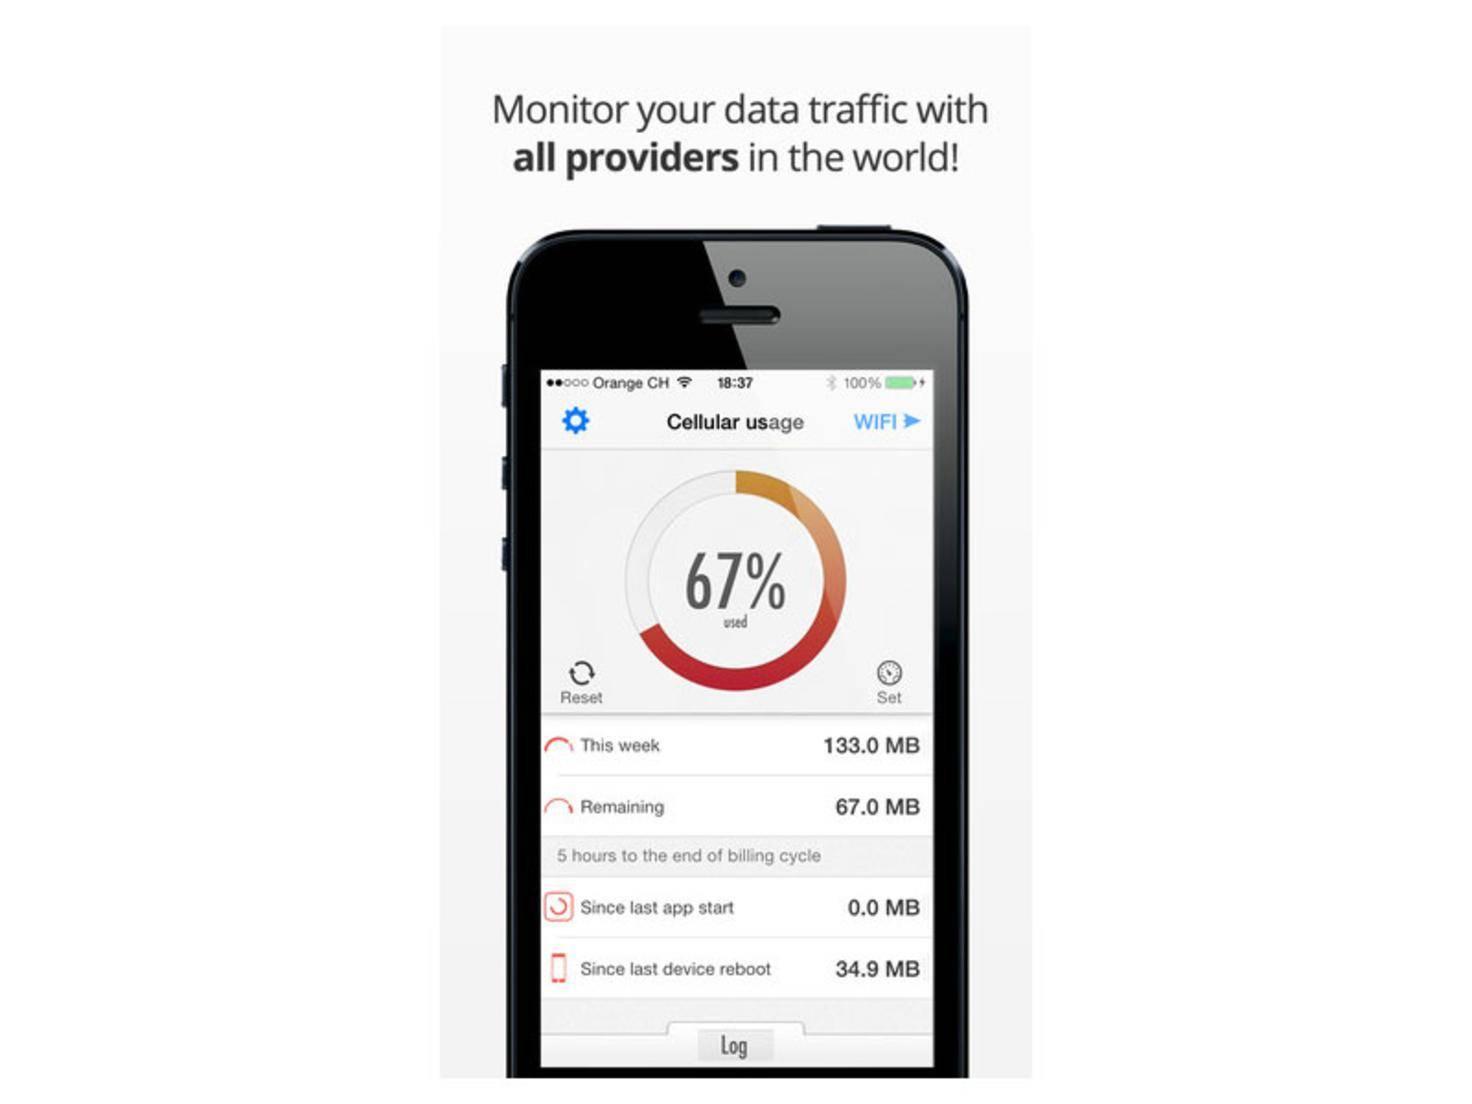 Datenvolumen Anzeigen Amp Besten Datenvolumen Zahler